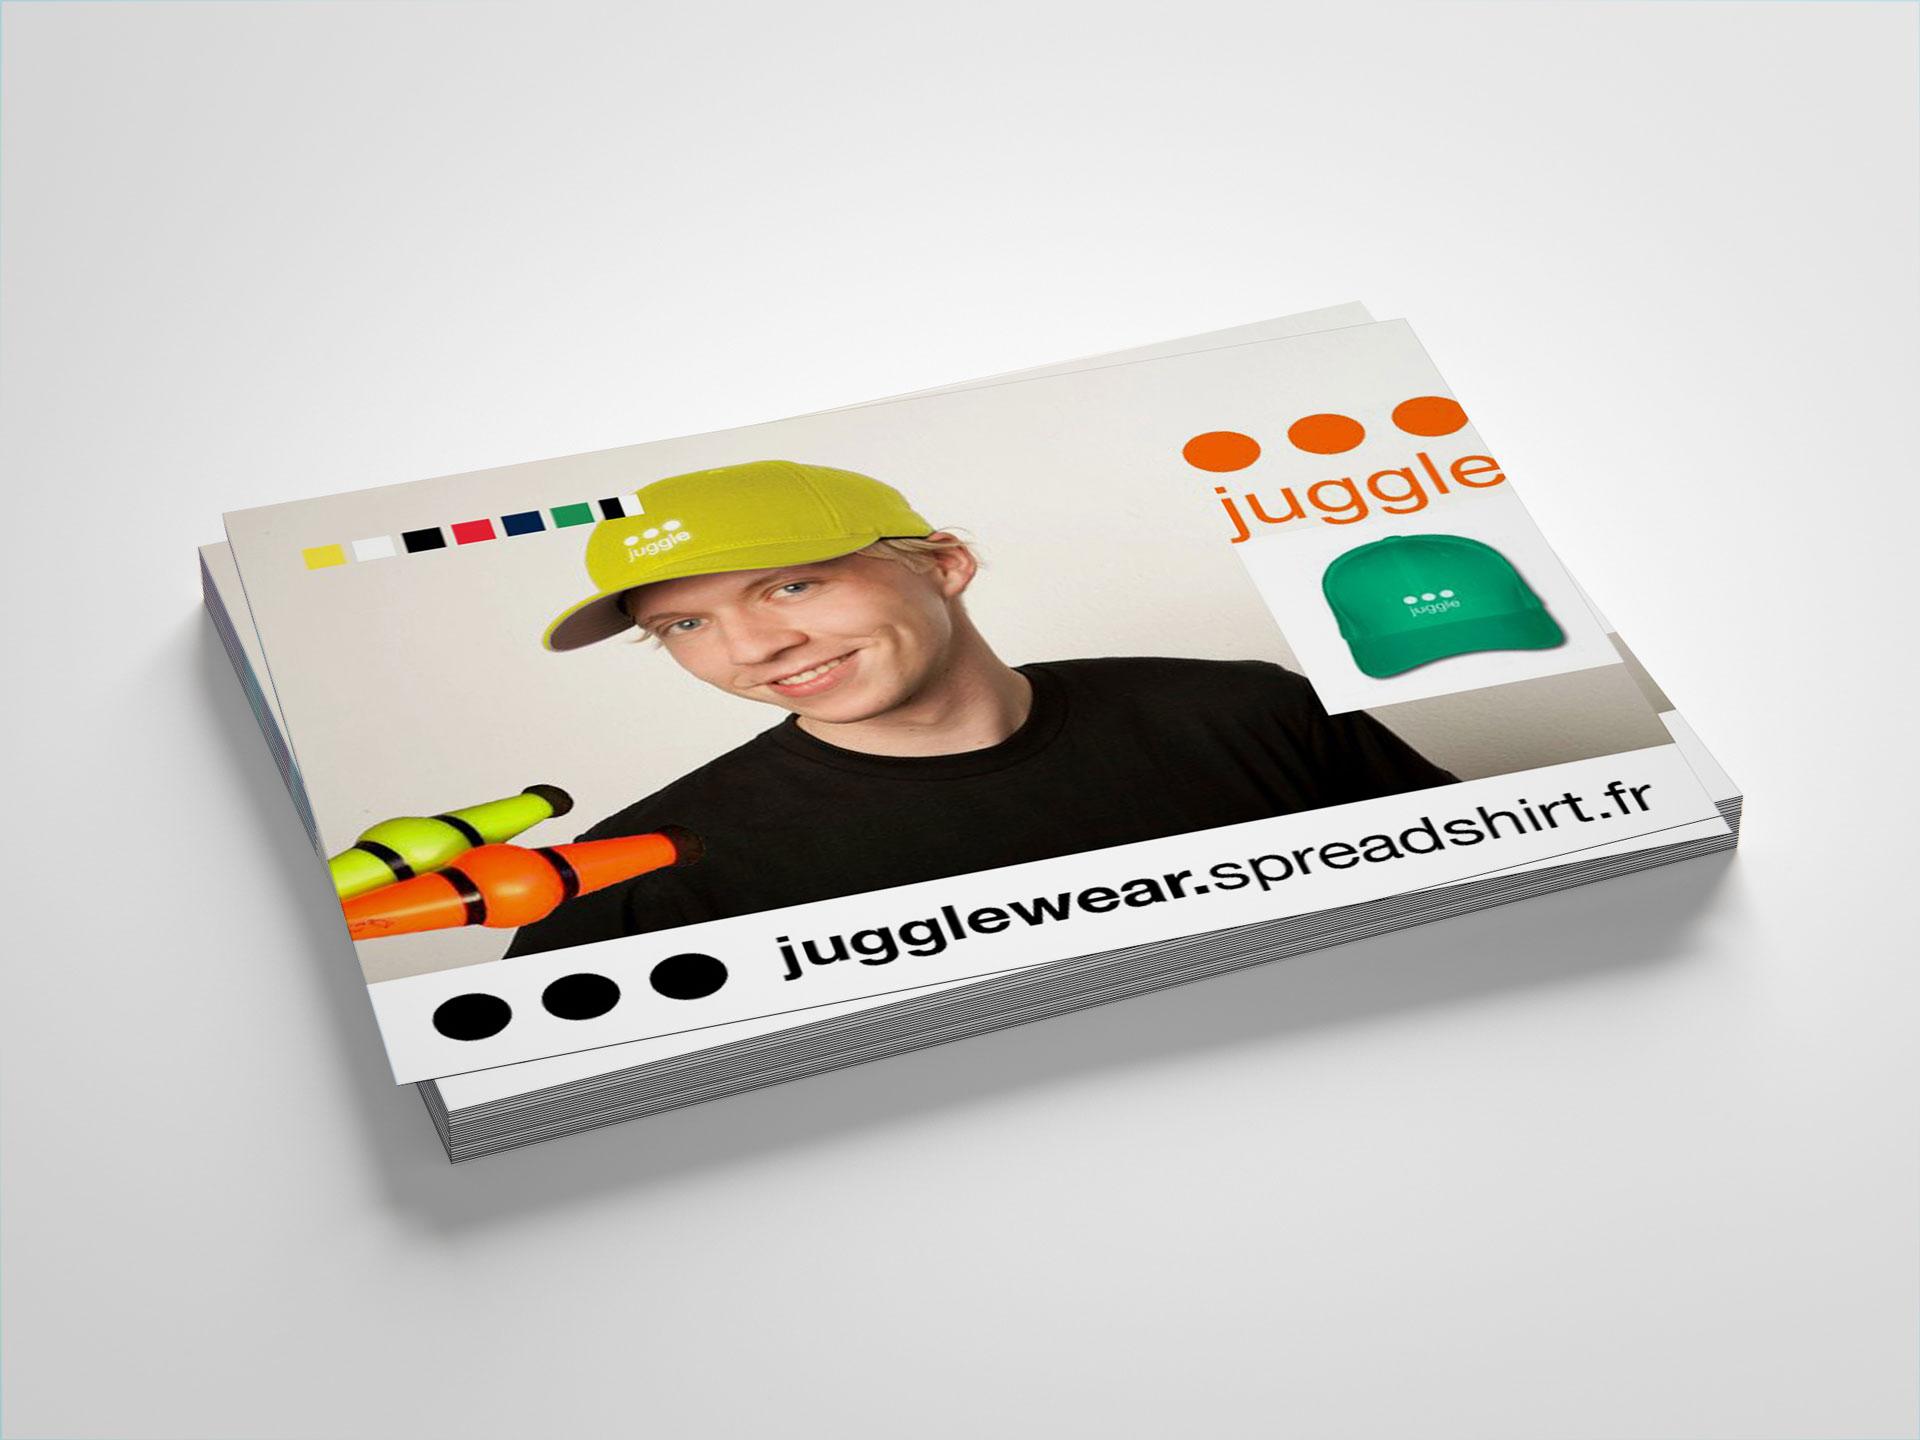 Carte postale juggle - Cmondada Design